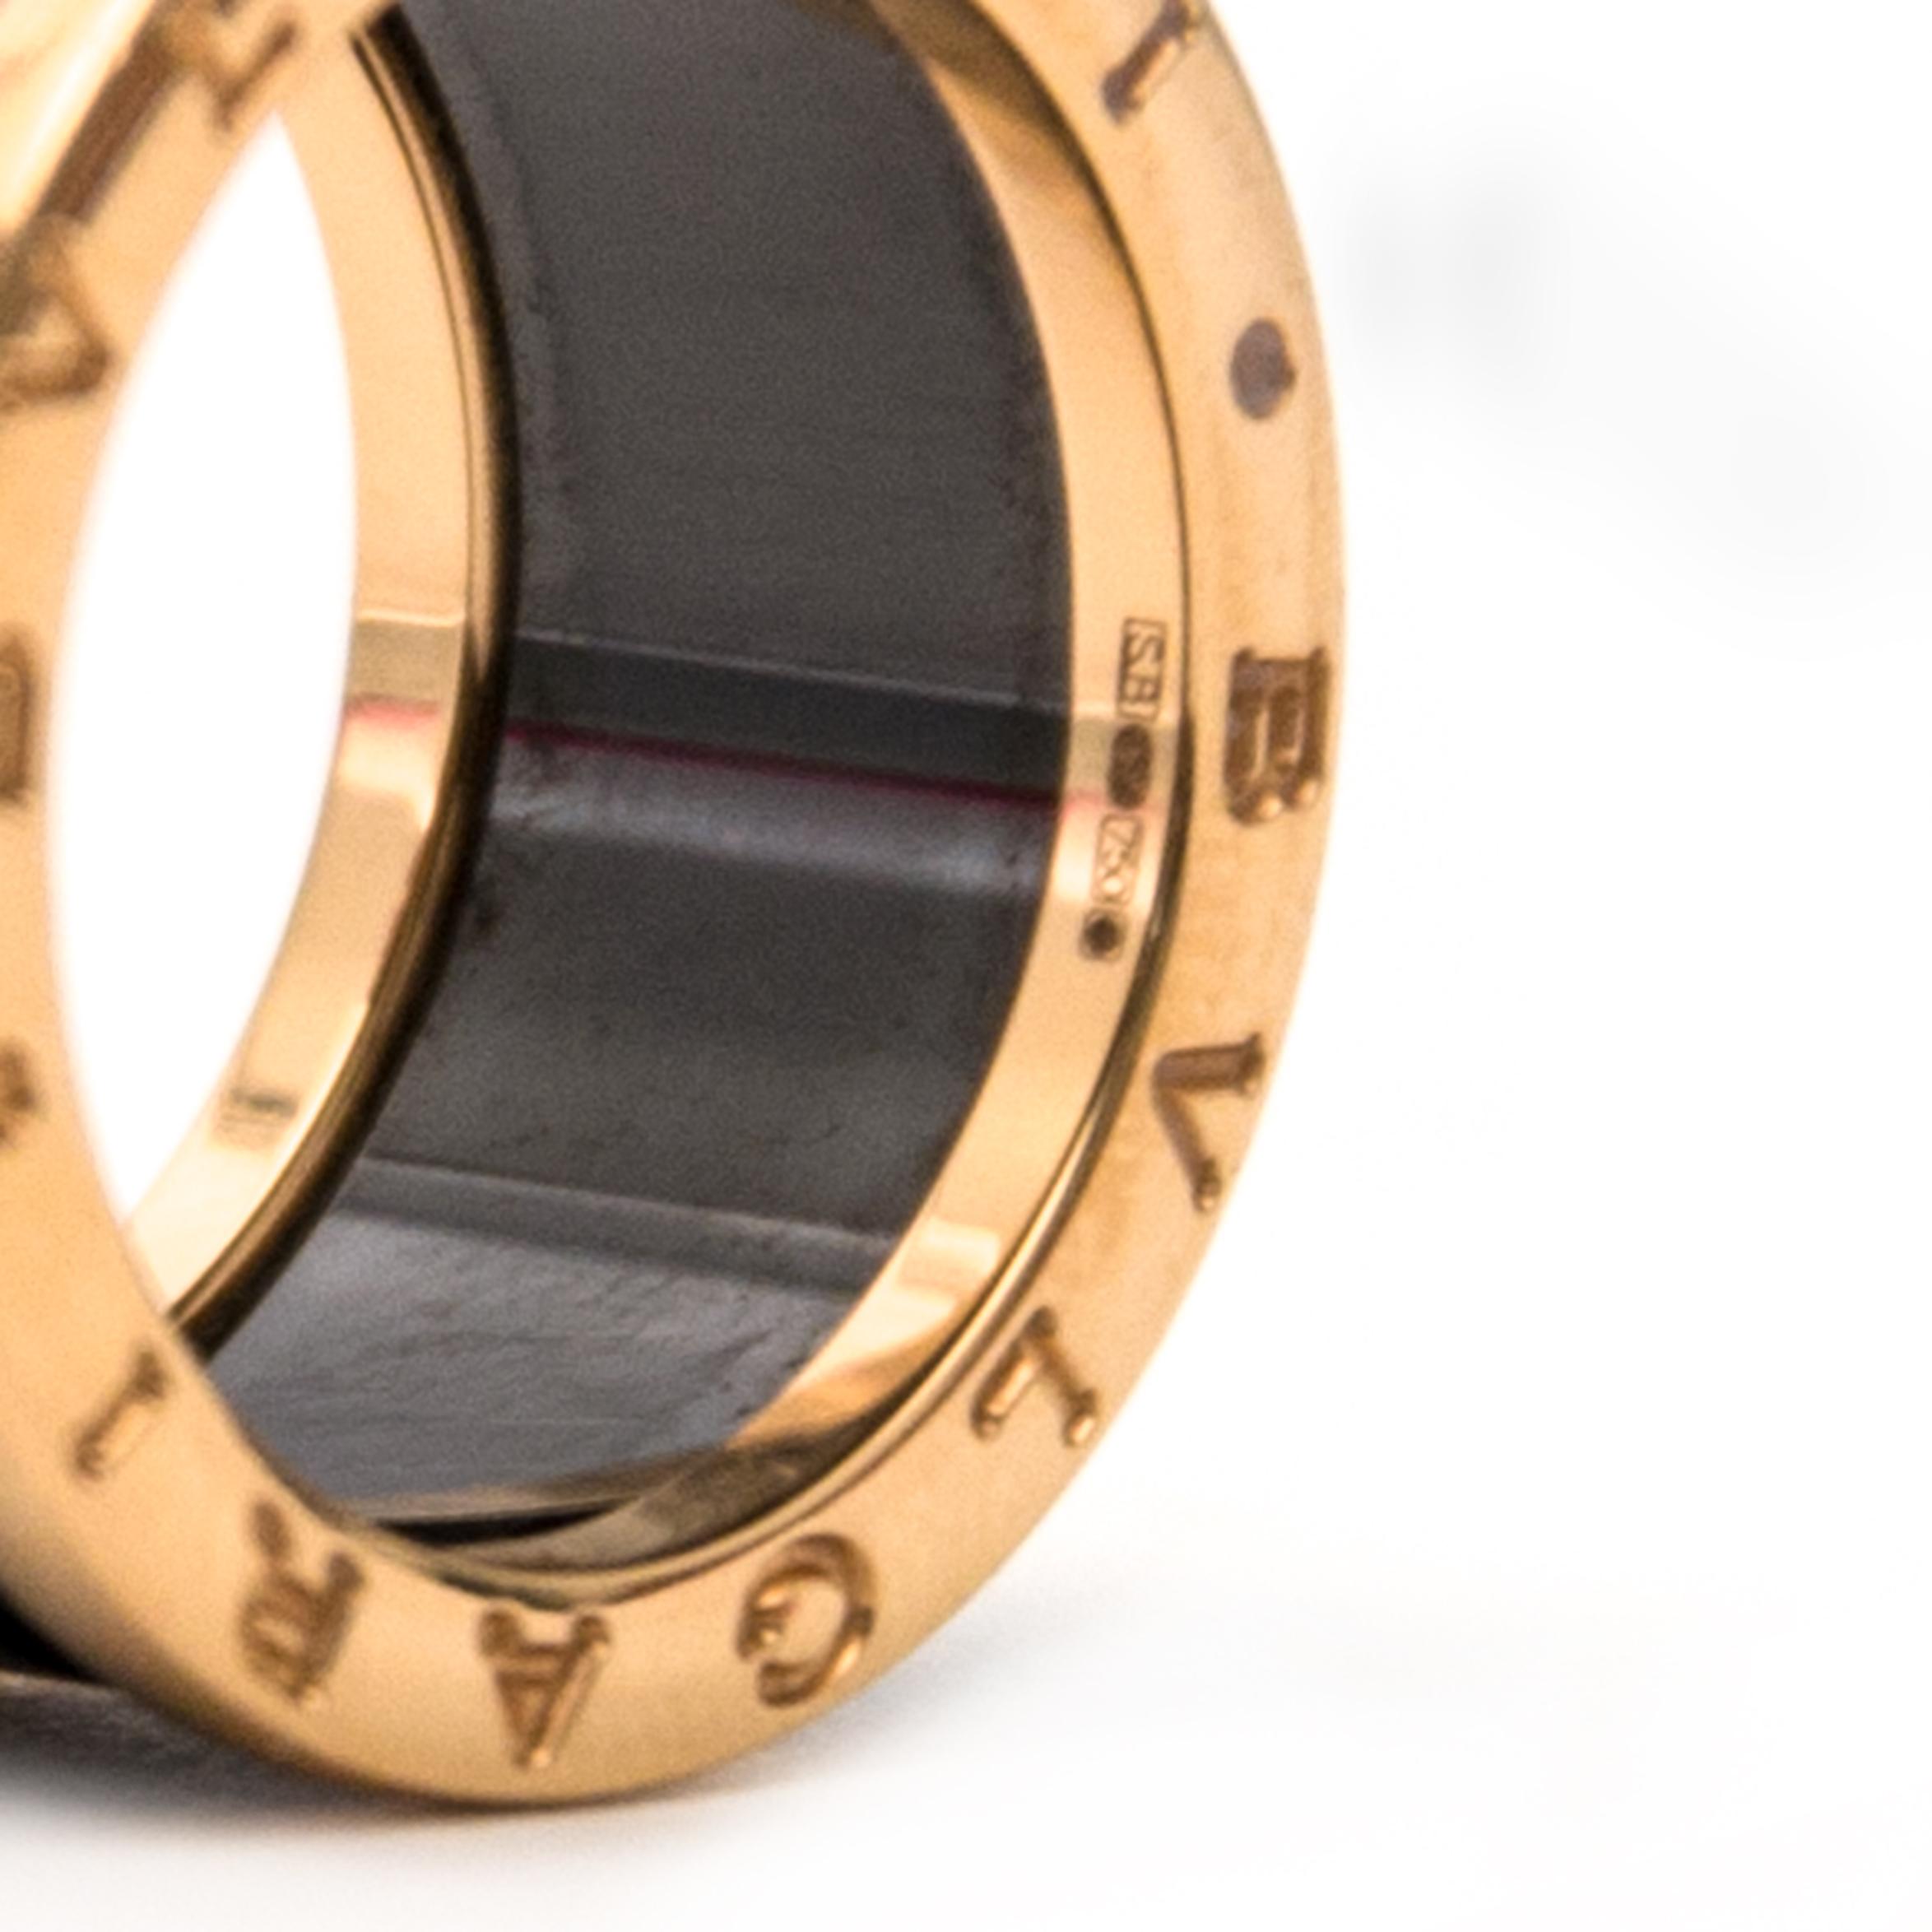 koop veilig online aan de beste prijs Bvlgari B.zero1 4-band Ring Black Ceramic and 18k